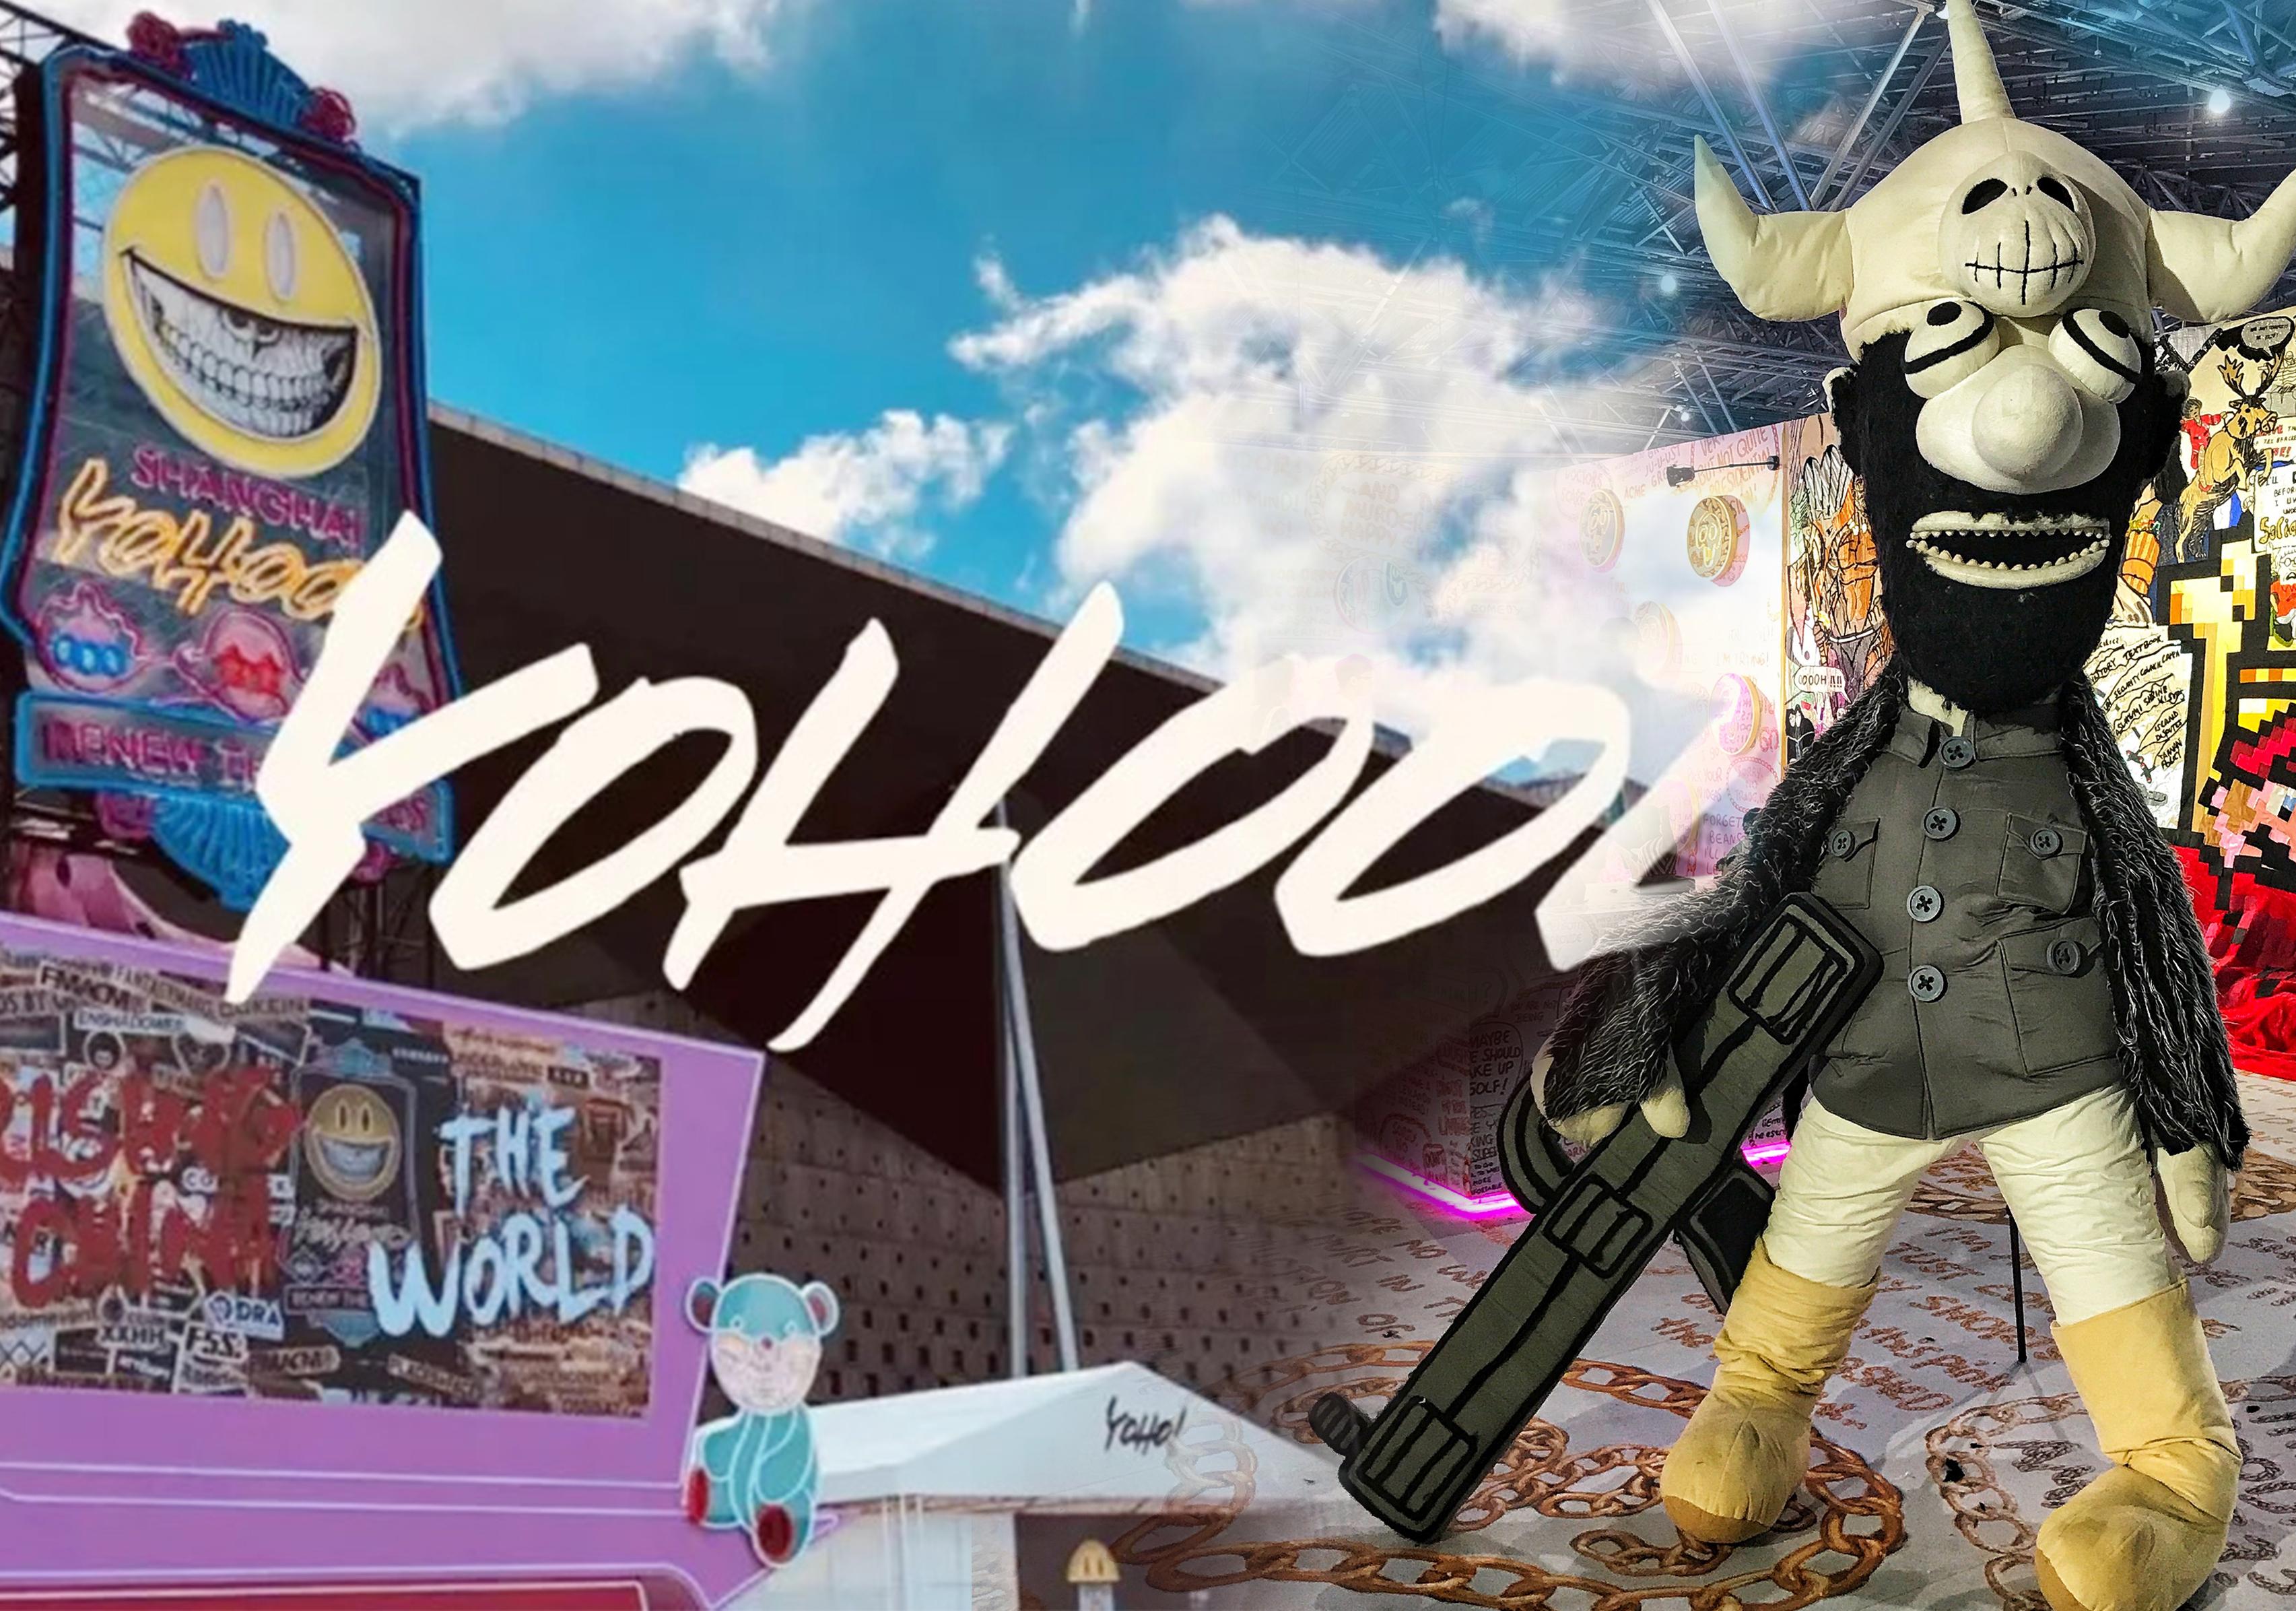 """第六屆""""YOHOOD 2018全球潮流嘉年華""""于2018年8月31至9月2日在上海世博展覽館舉行。今年YOHOOD的主題是【RENEW THE RULES】——顛覆規則,自然為大家帶來更多新鮮有趣的潮流內容。不同于往年,此次潮流展特設了兩大板塊:【THE WORLD】和【RISING CHINA】,聚焦YOHOOD今年的主題——""""RENEW THE RULES"""",將國內外潮流激情碰撞,為大家呈現不同尋常的驚喜。本屆YOHOOD還請來了余文樂、林俊杰、羅志祥、等眾多潮流圈大咖。"""